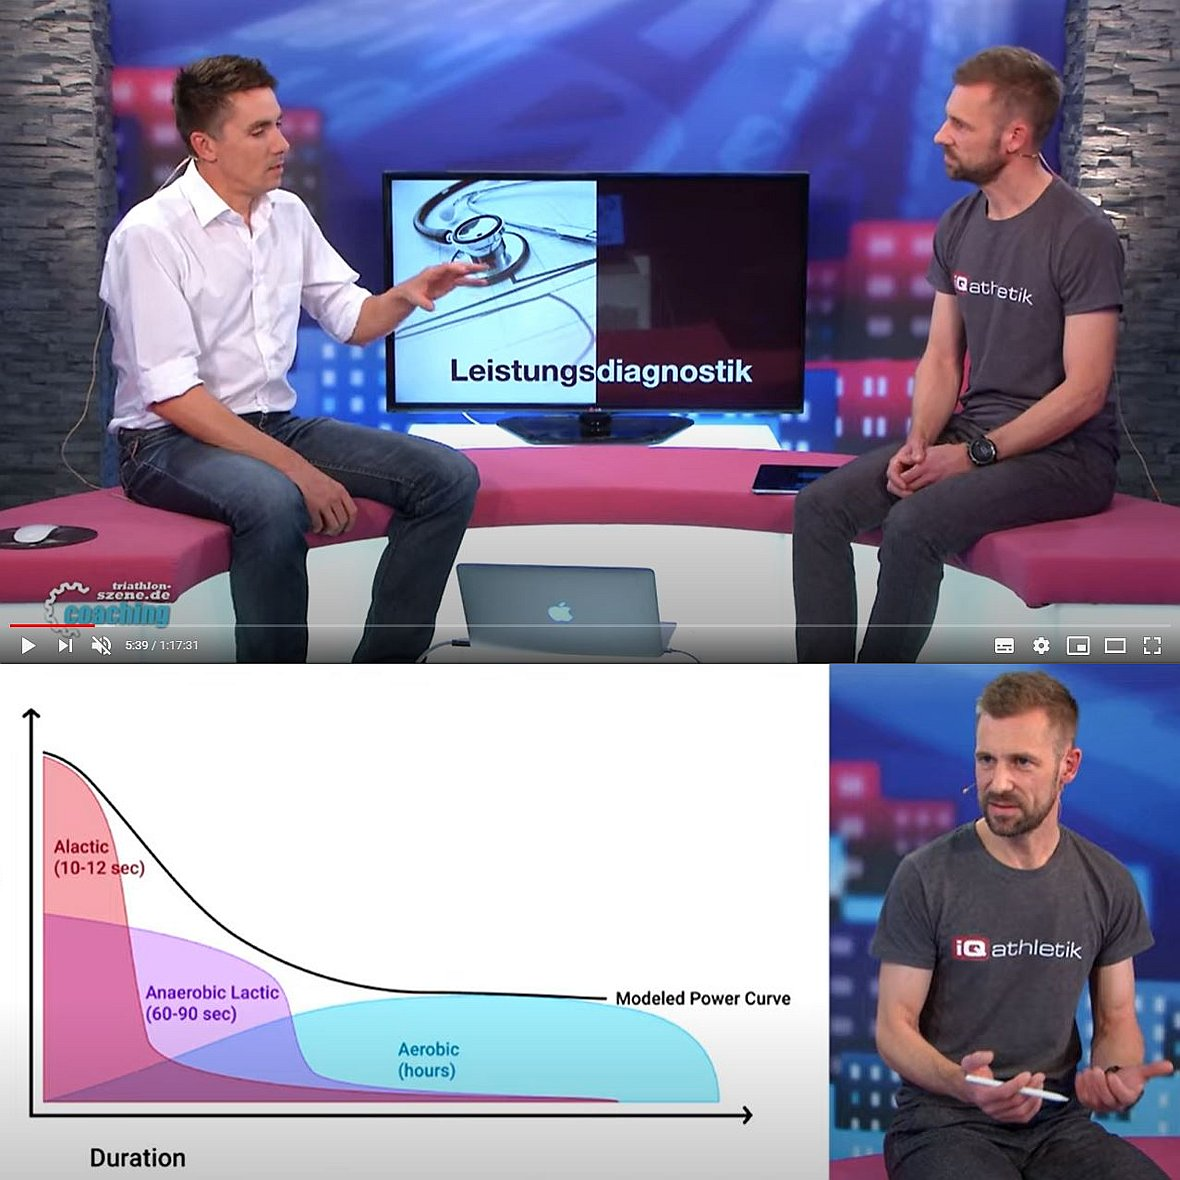 Leistungsdiagnostik: Warum und welche?